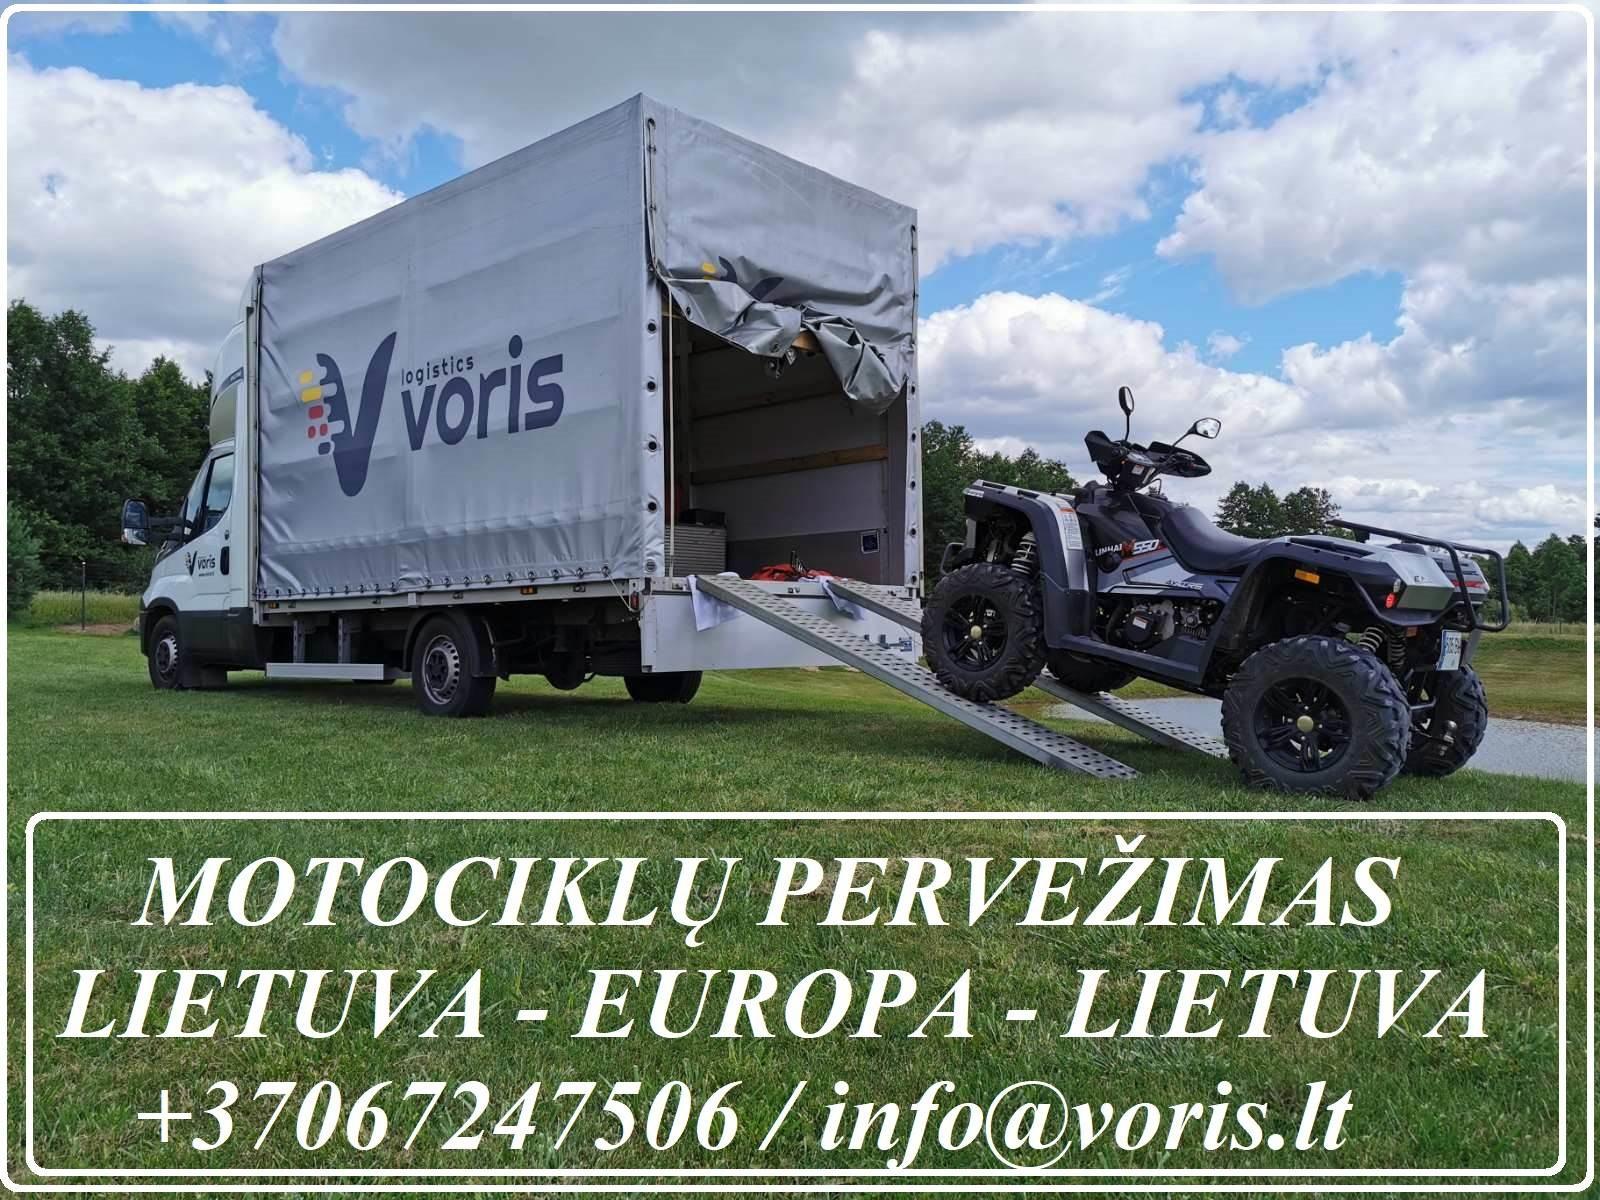 Motociklu pervezimai, parvezimas LIETUVA - EUROPA - LIETUVA +37067247506 EKSPRES PERVEZIMAI , Skubus krovinių, siuntų, automobilių dalių ar pan. prist